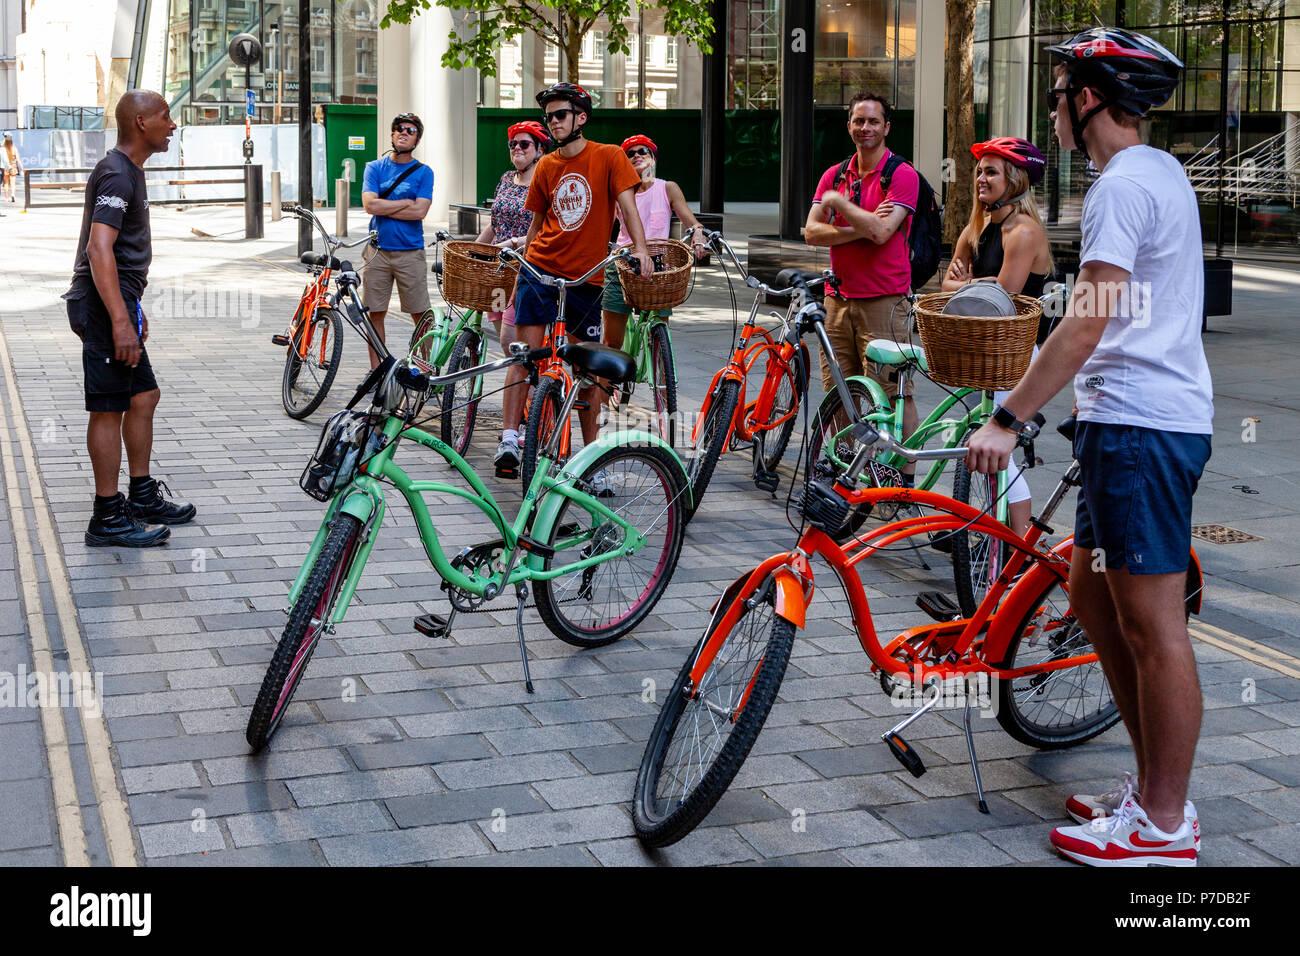 """Touristen Halt in """"Die Stadt"""" während einer Radtour von Sehenswürdigkeiten von London, London, Großbritannien Stockbild"""